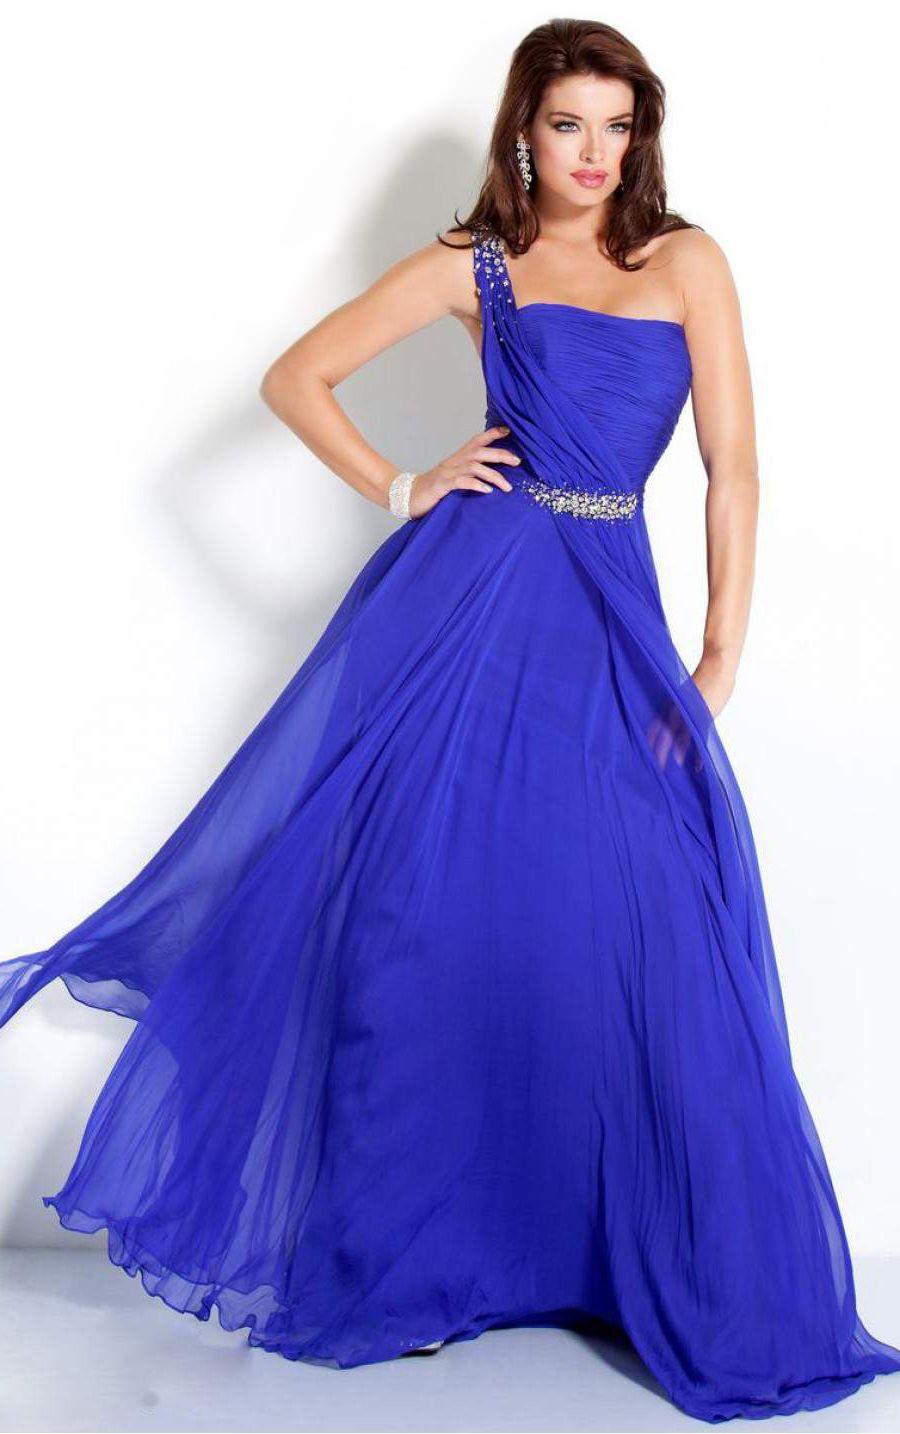 с чем сочетается синий цвет: платье вечернее ультрамариновое